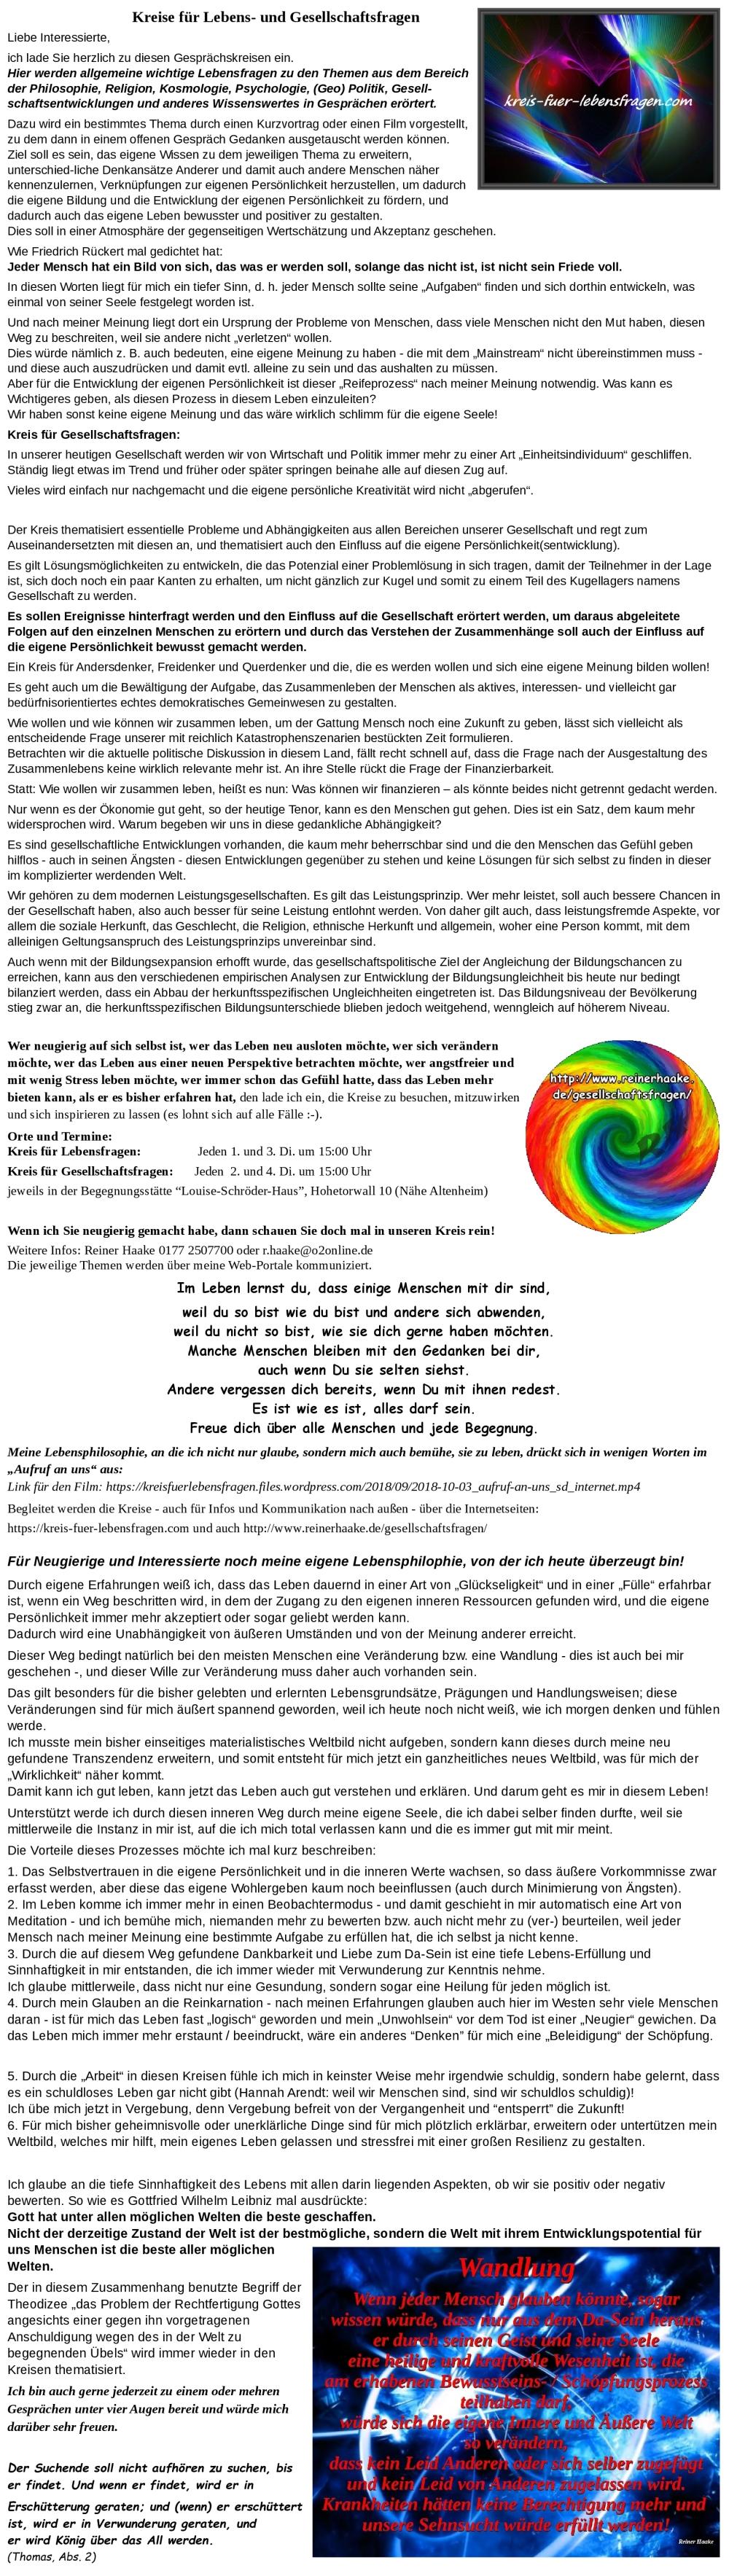 Beschreibung_kreis-fuer-lebens-und-gesellschaftsfragen